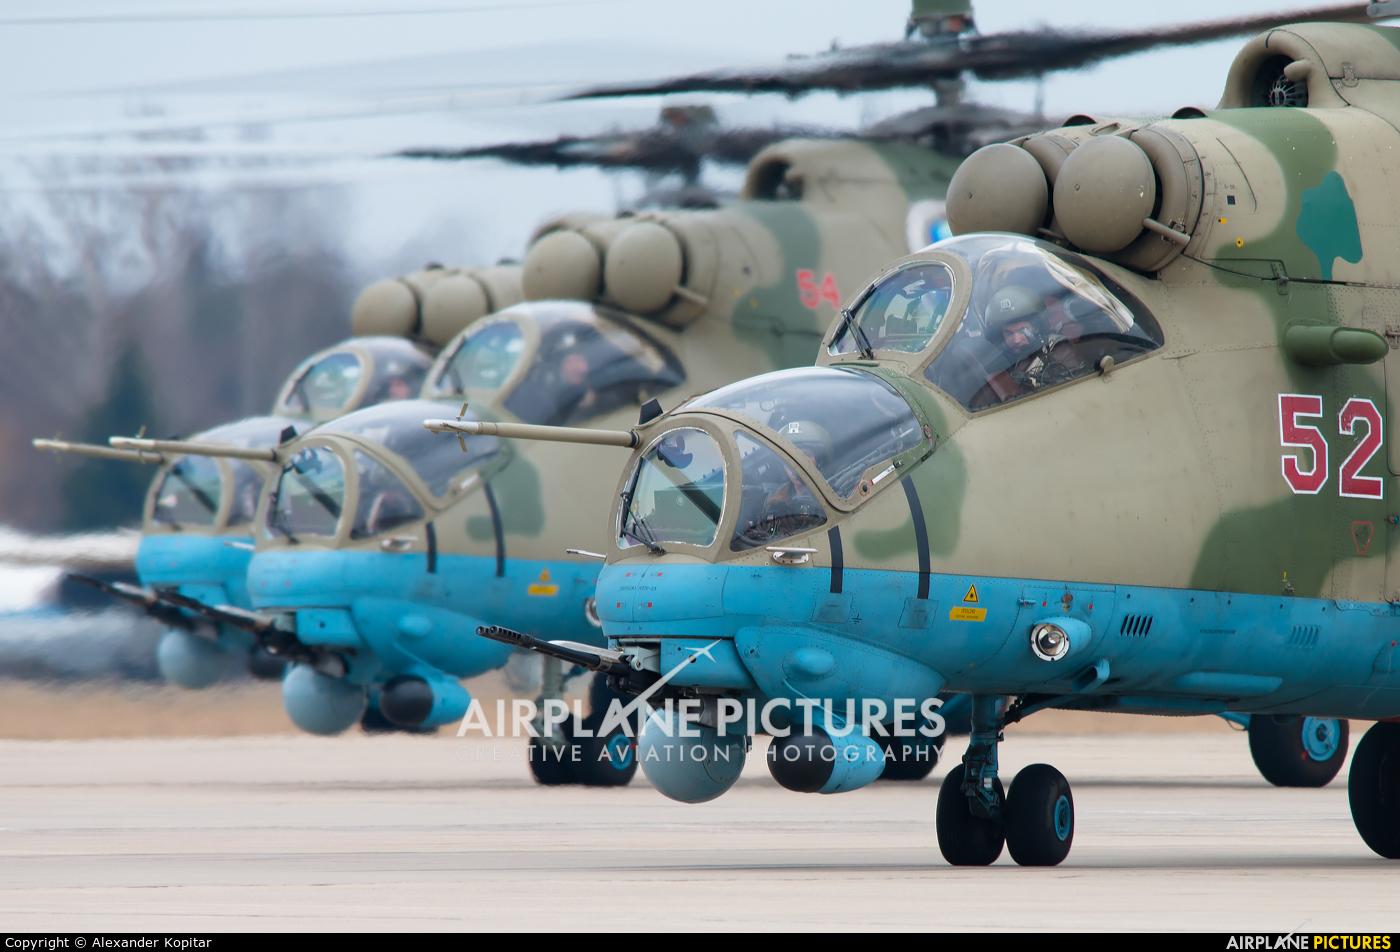 Russia - Air Force 52 aircraft at Kubinka